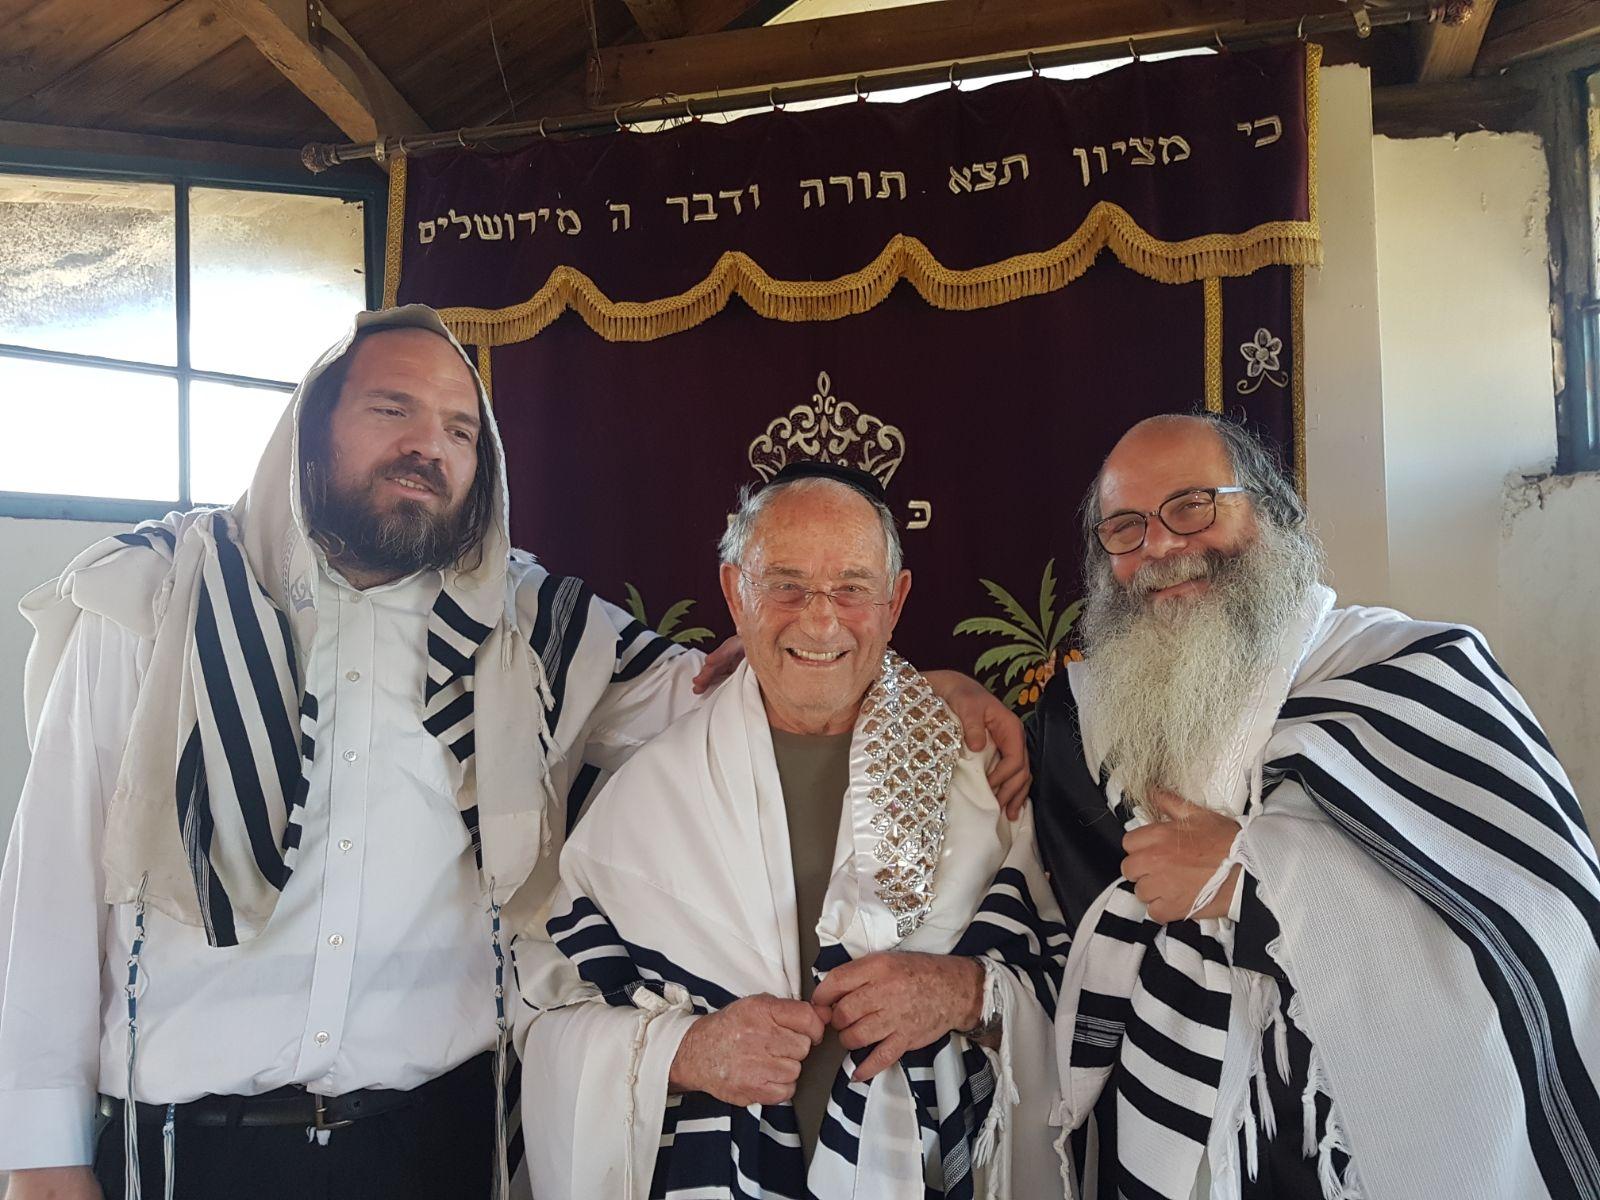 אחרי 68 שנה: בירך ברכת כוהנים • תיעוד מרגש